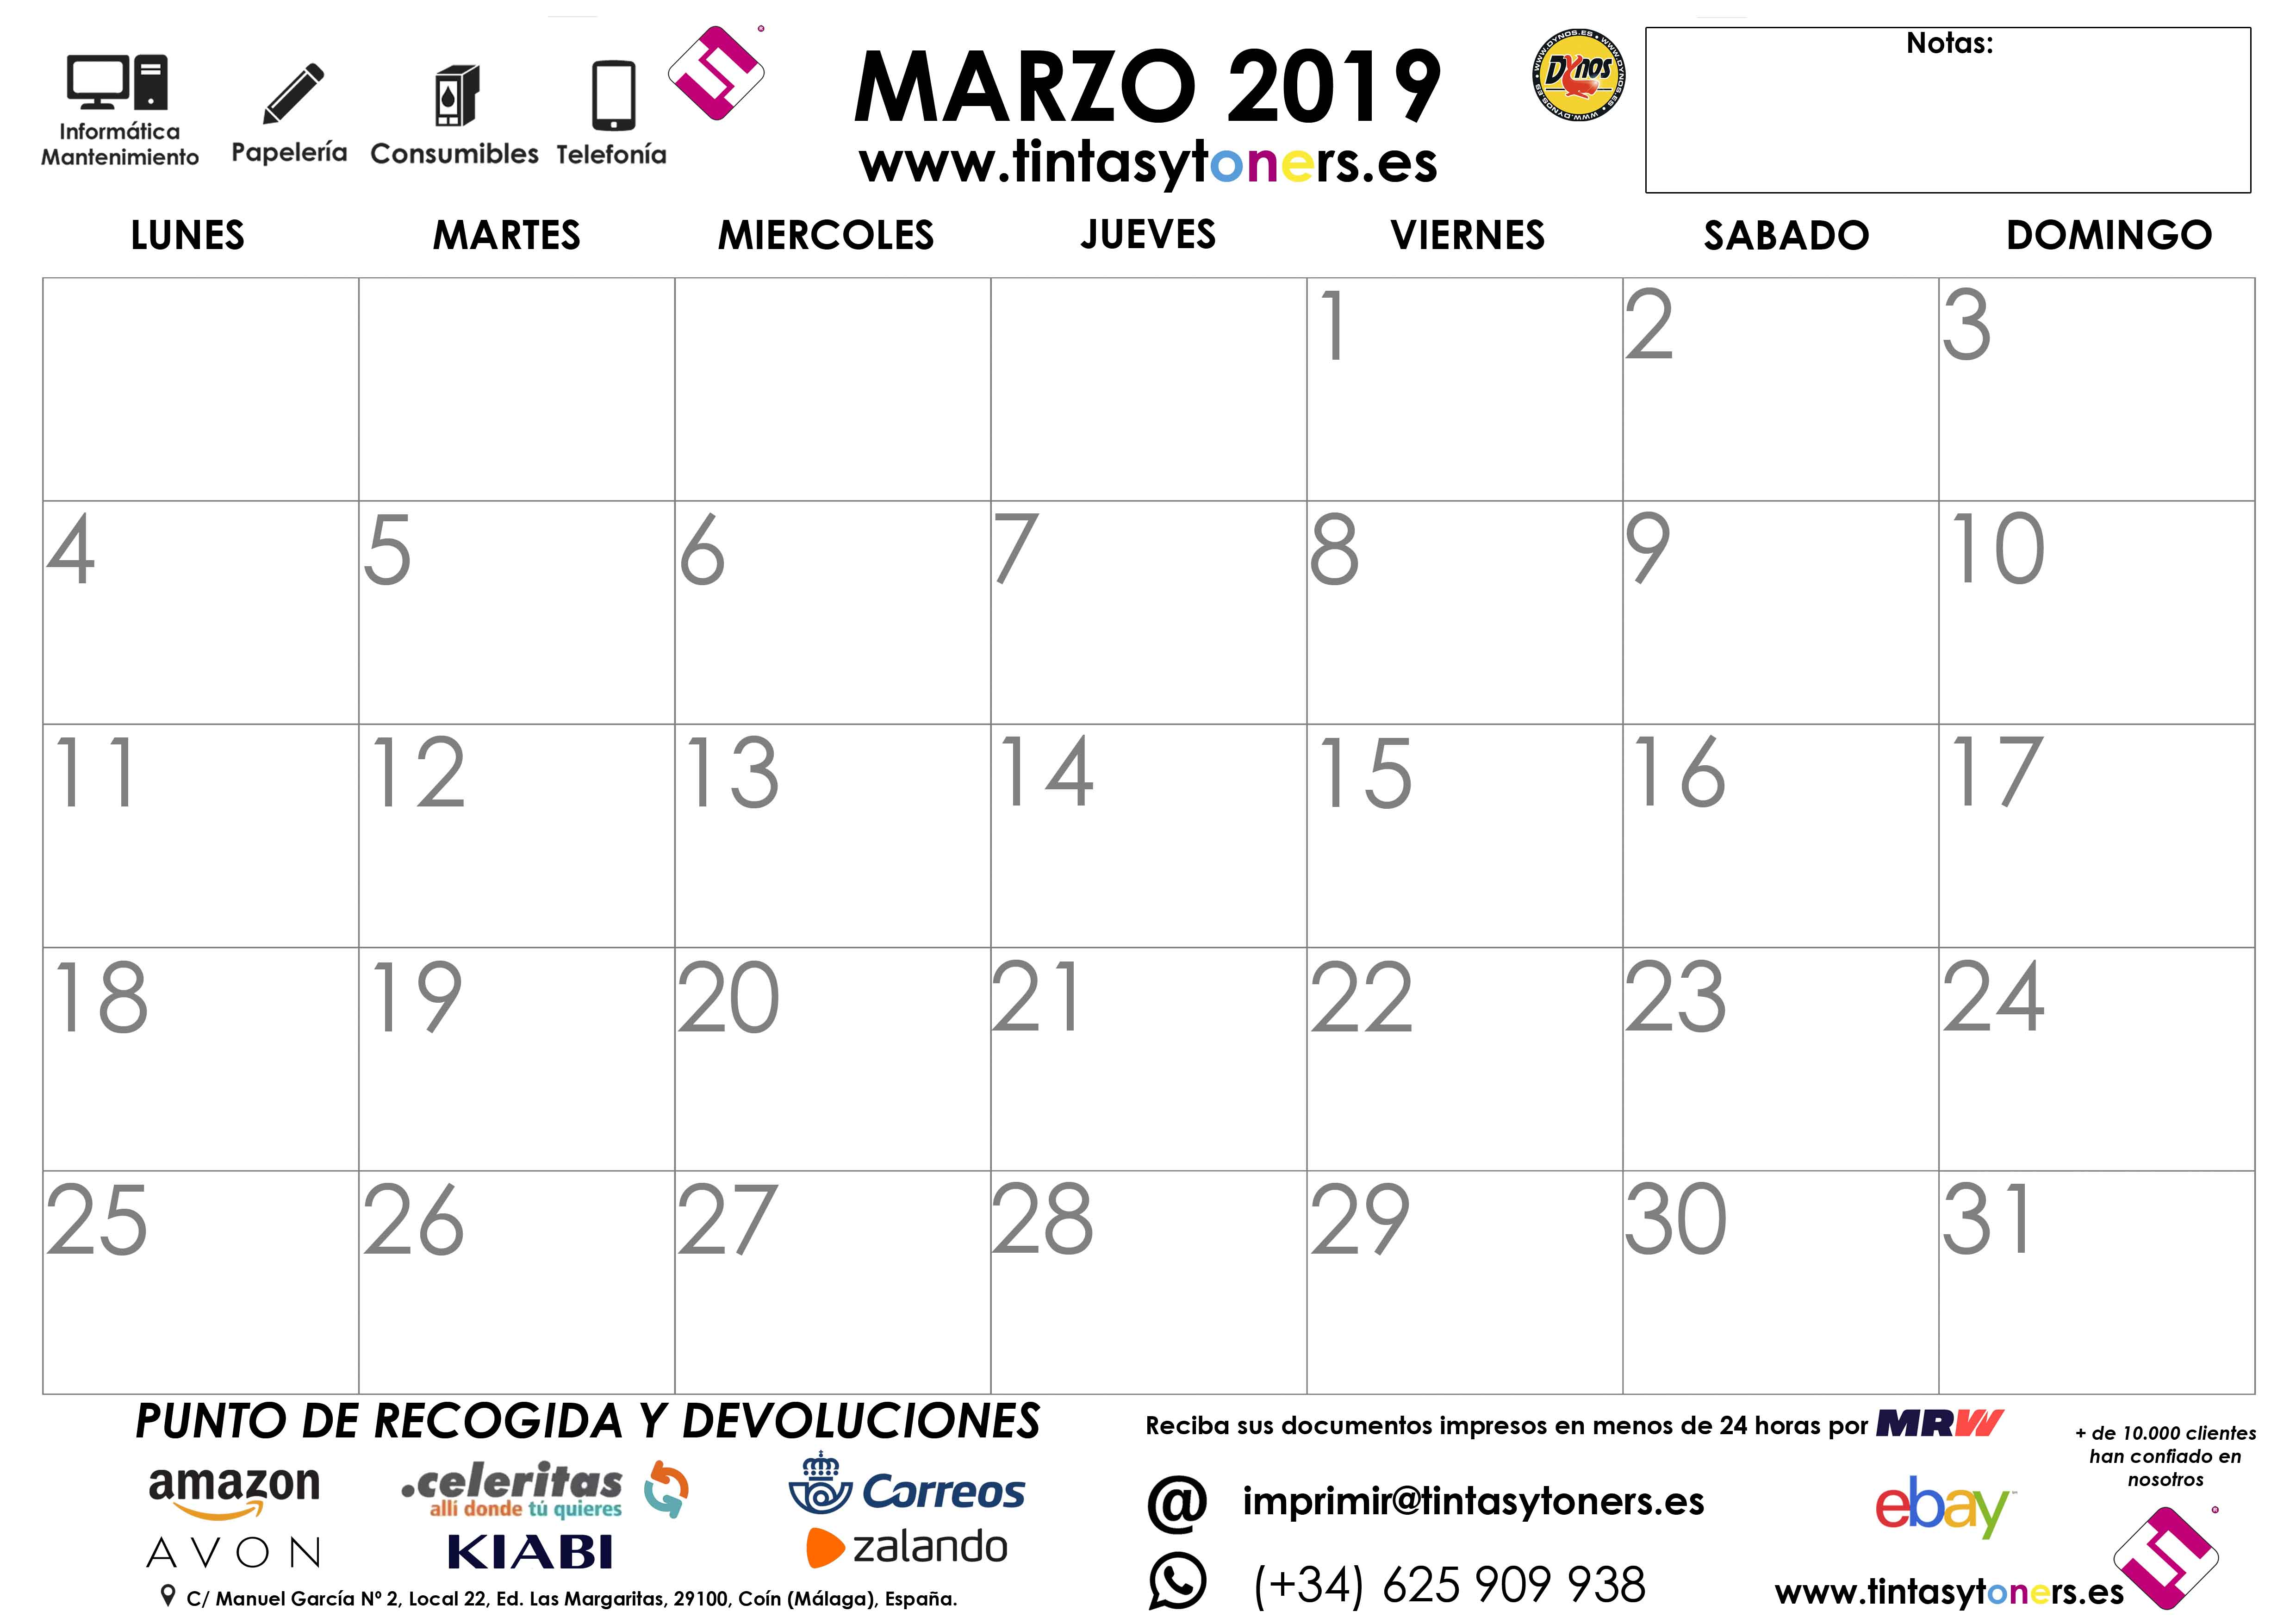 3 MARZO 2019 CALENDARIO TINTASYTONERS